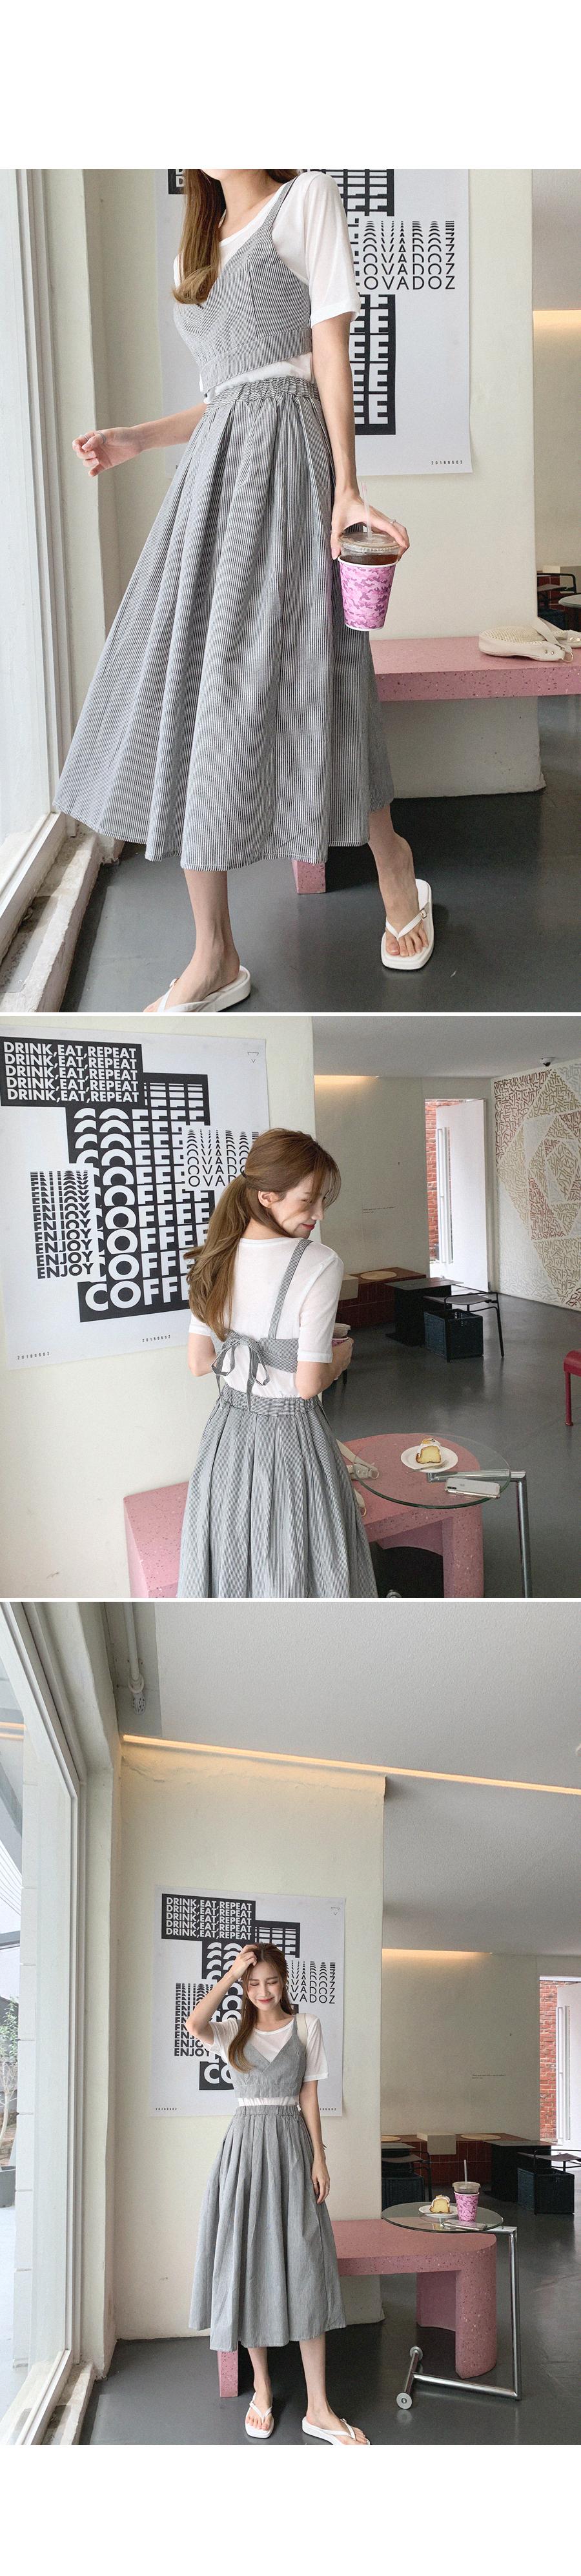 Girlish Stripe Tee + Bustier + Skirt SET